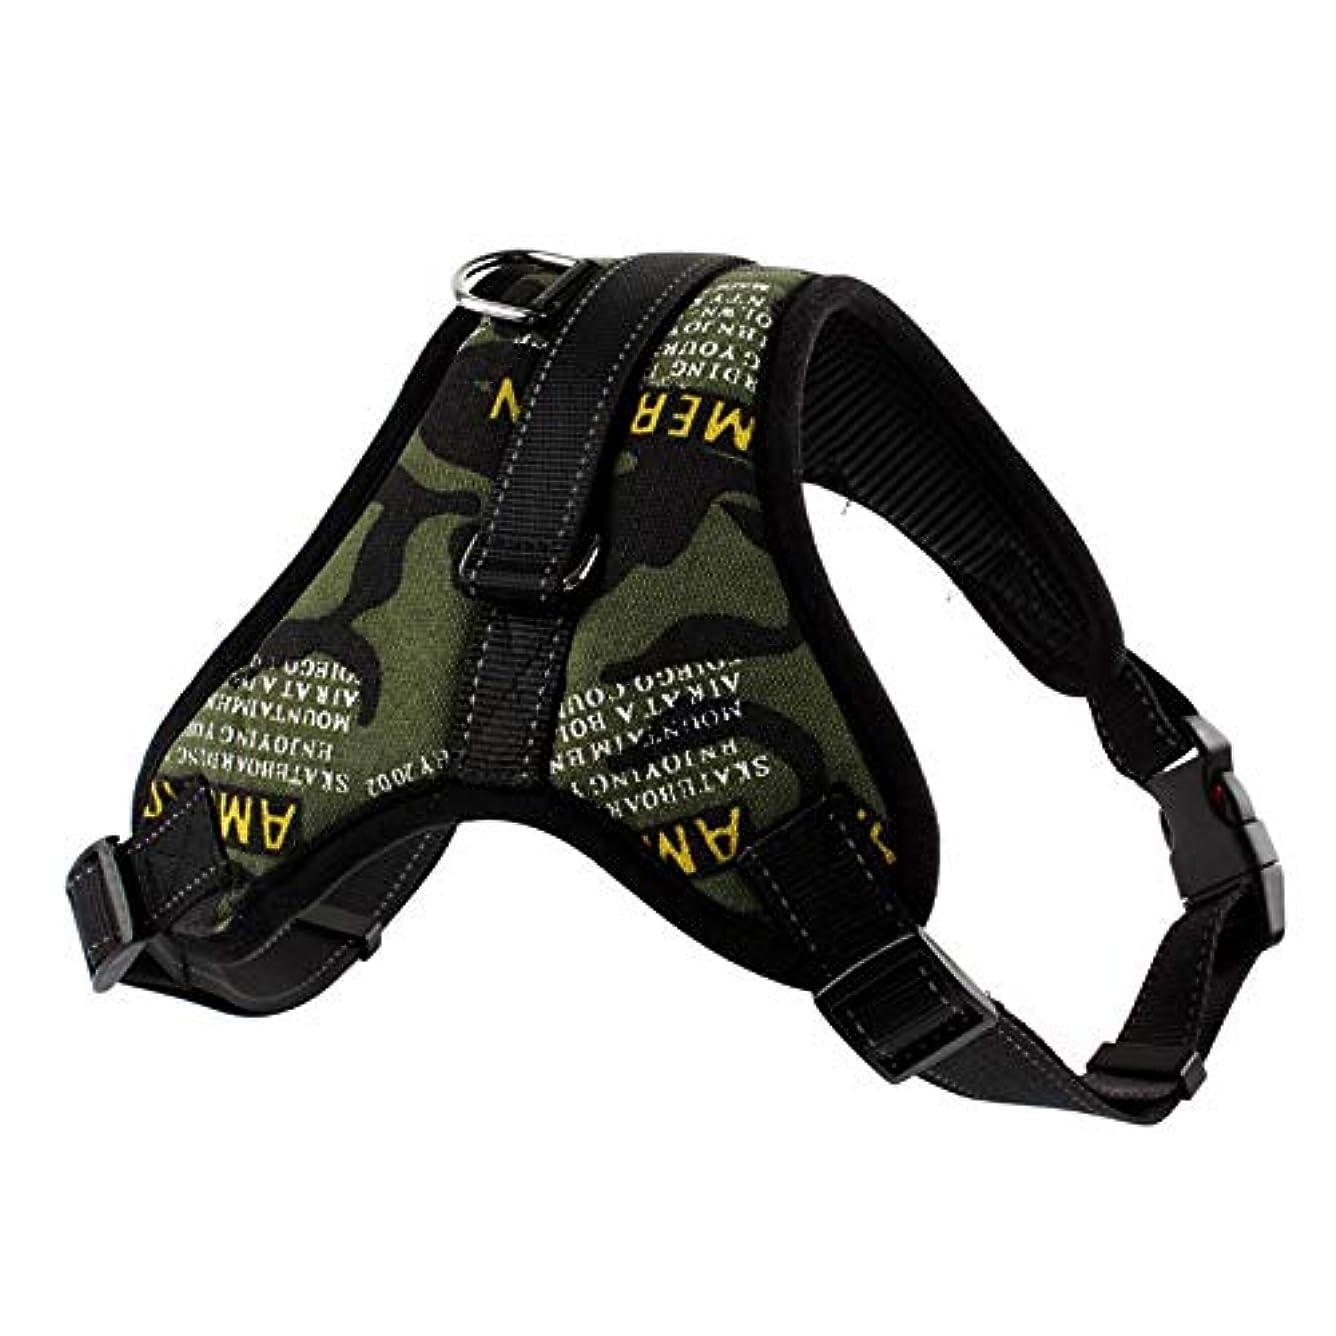 ゆりテンポ探検Jtydj 中型および大型犬用の色を調節可能なベストに装着および取り外しが容易なアップグレードされたプルなしの犬用ハーネス (色 : Blakc)